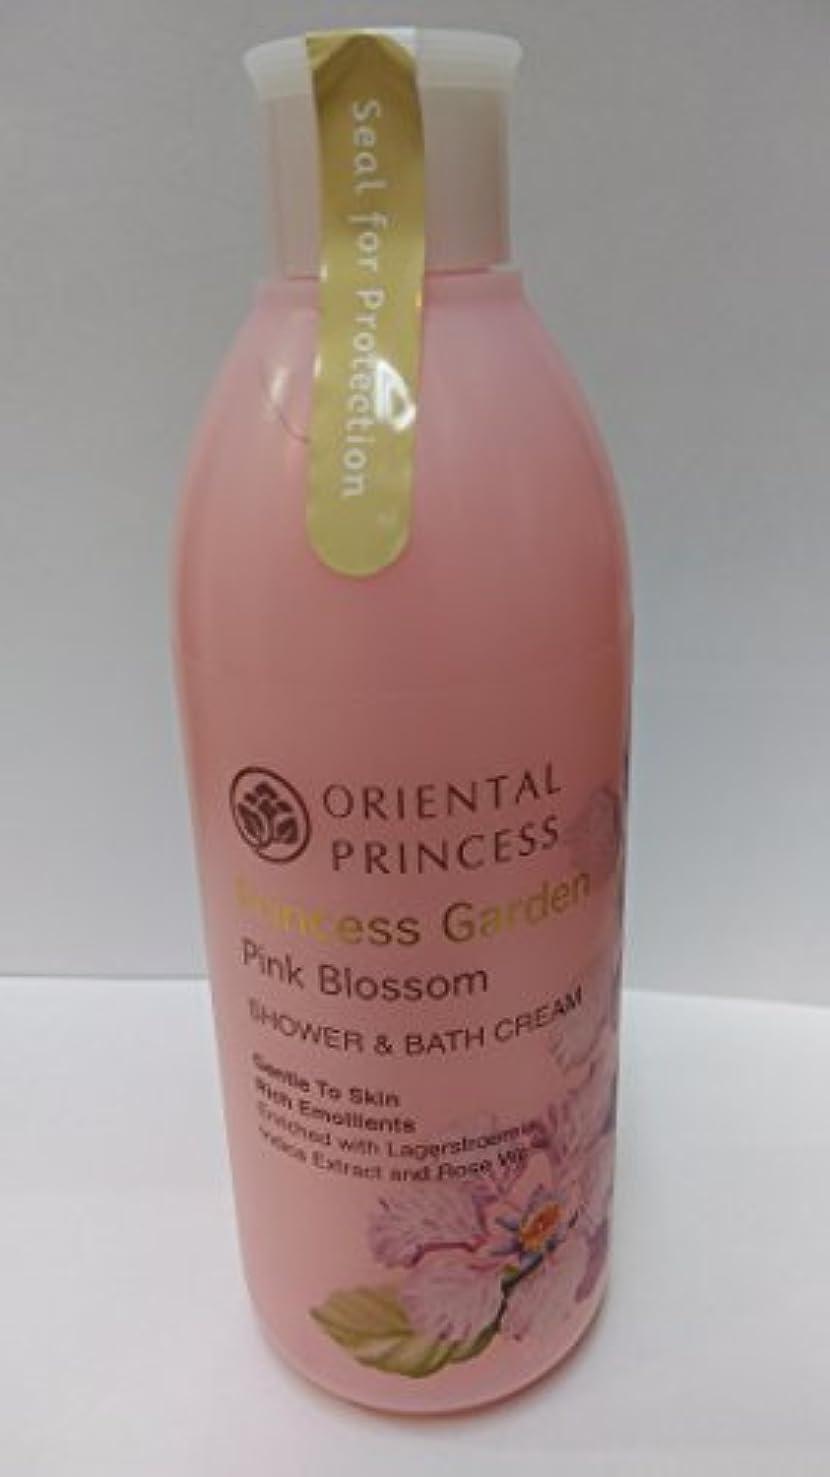 気分構造的ダイエットORIENTAL PRINCESS シャワー アンド バス クリーム 250ml Princess Garden/Pink Blossom